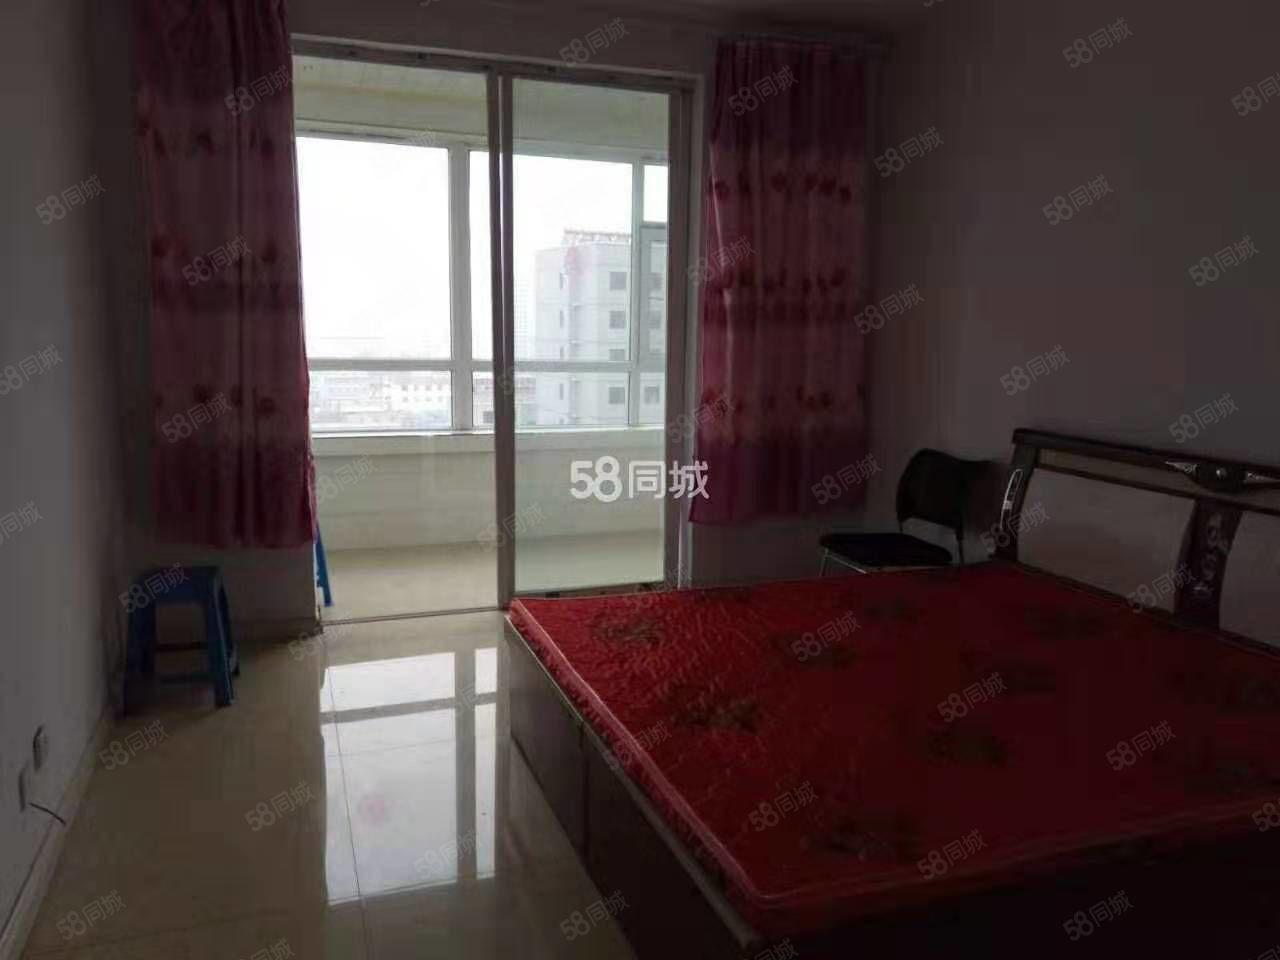 精华小区三室出租六层顶层步梯房家具家电齐全拎包入住